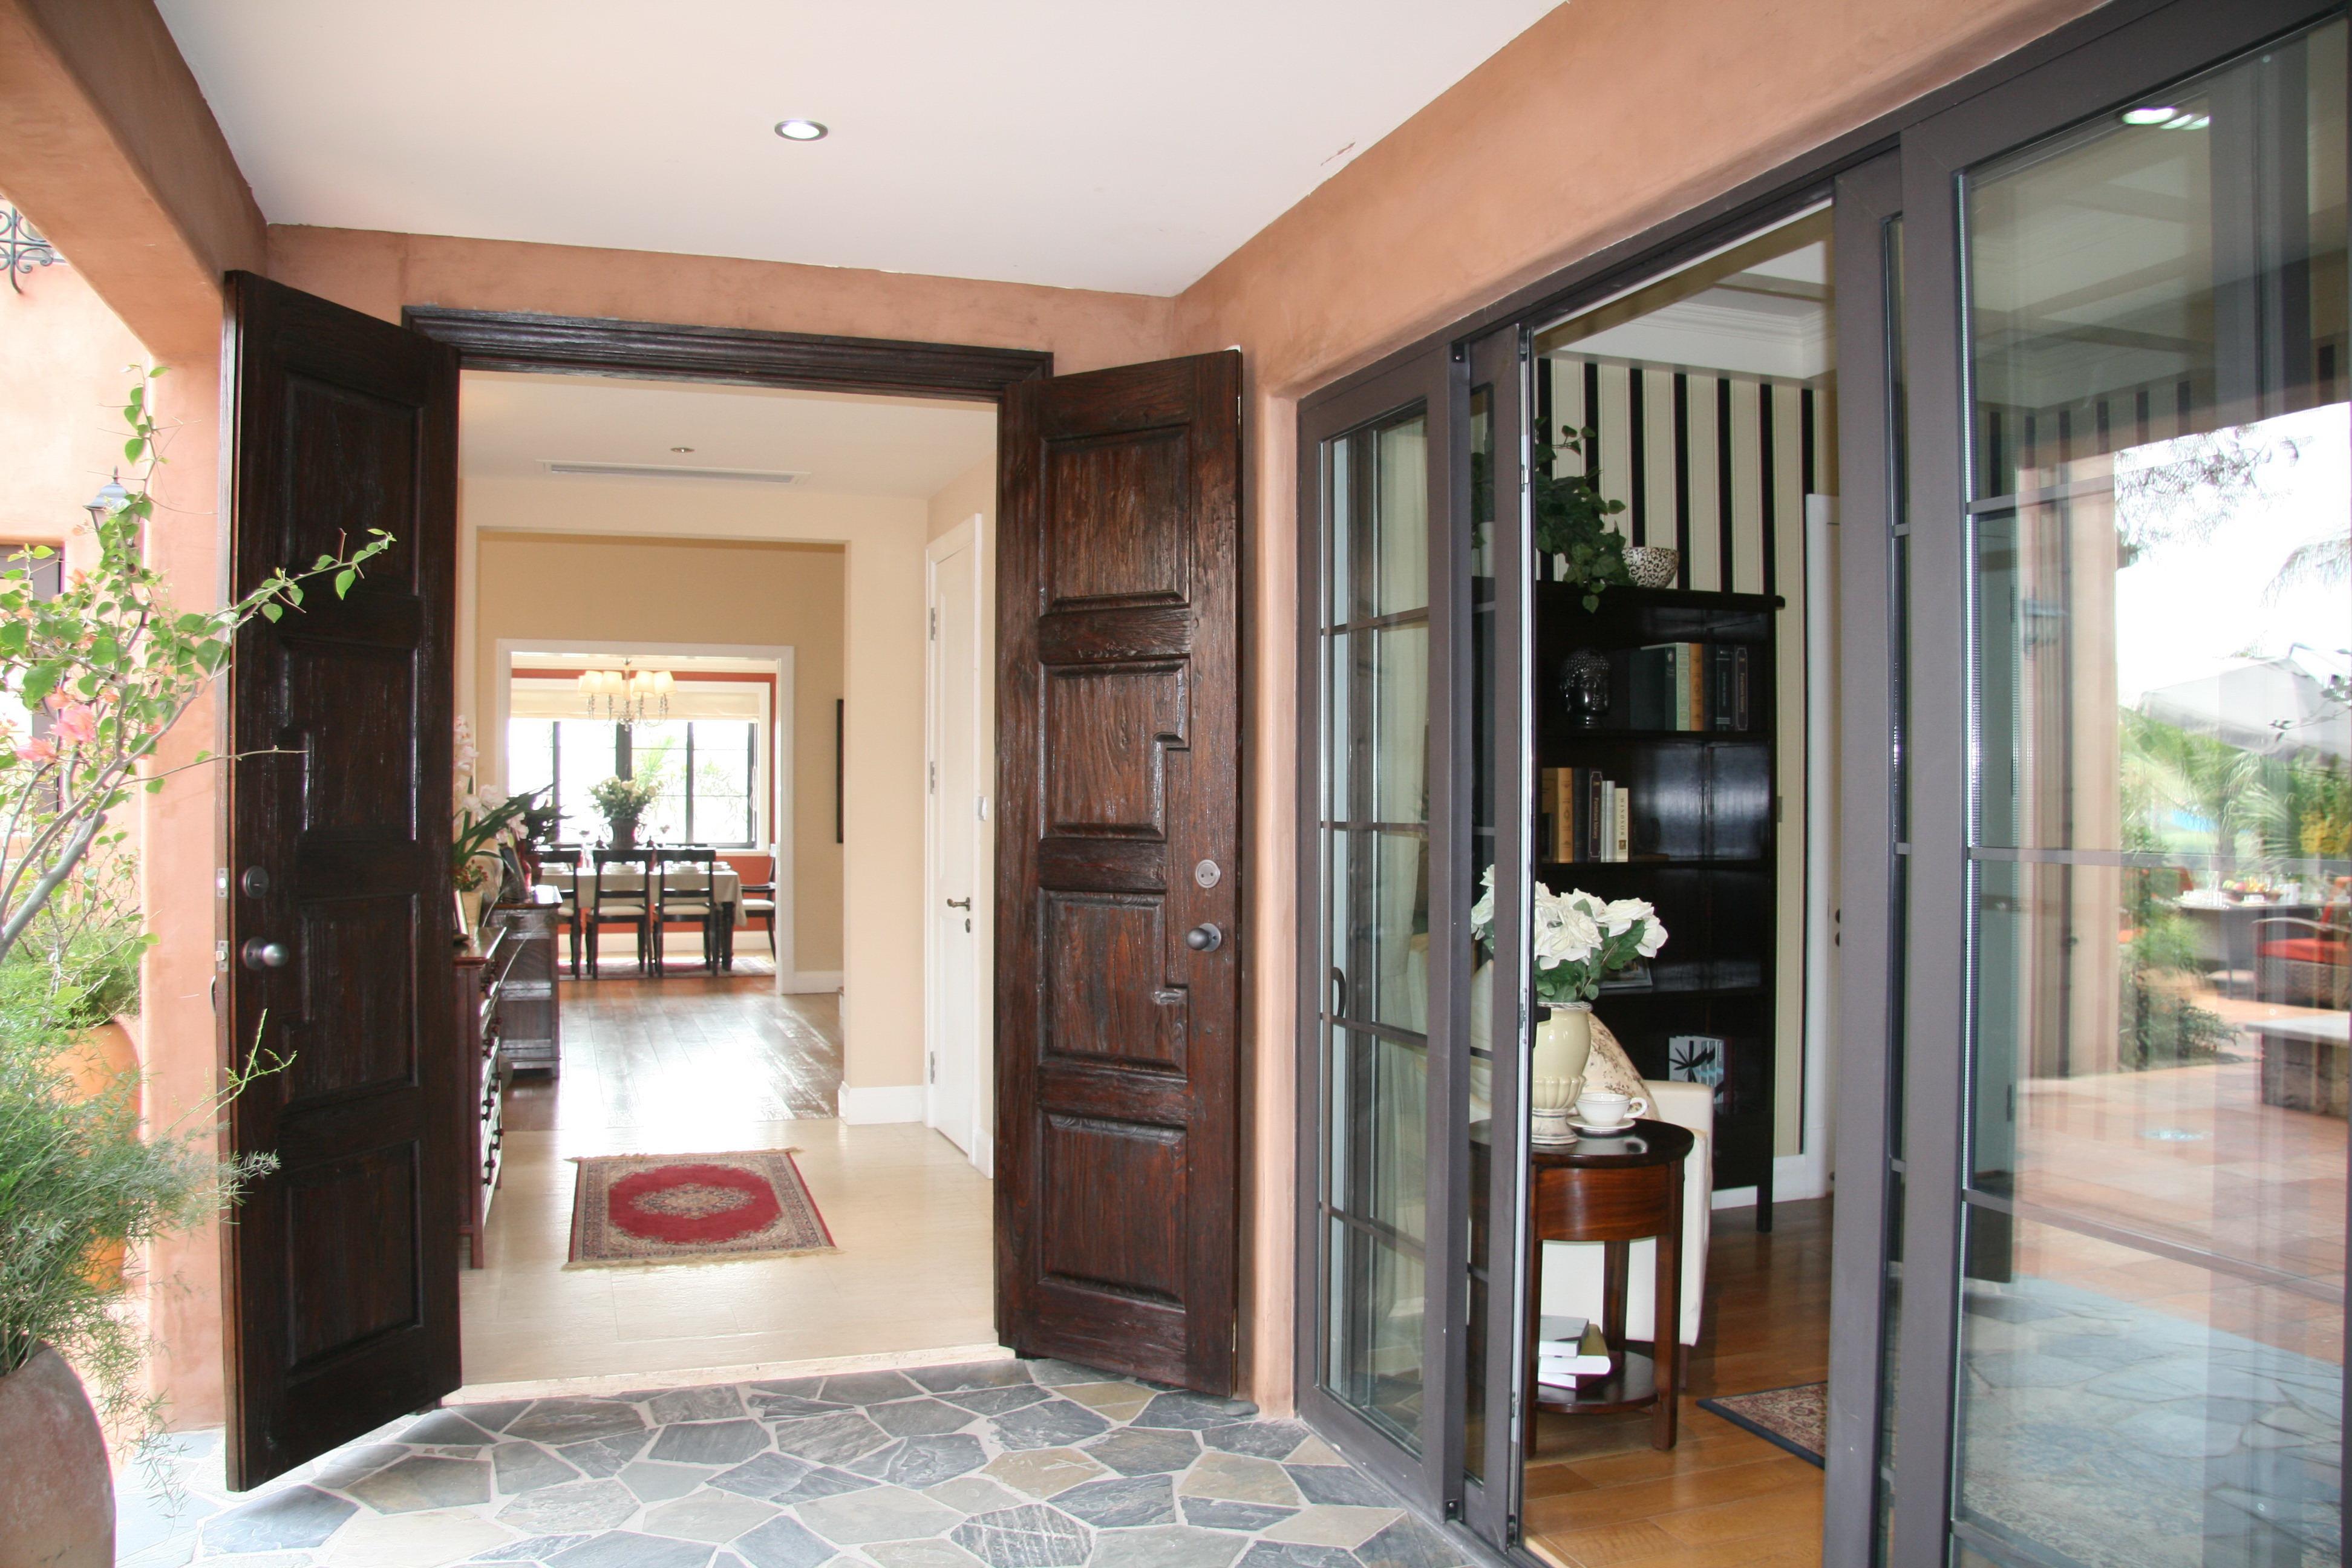 美式风格别墅入户门装修效果图装修效果图